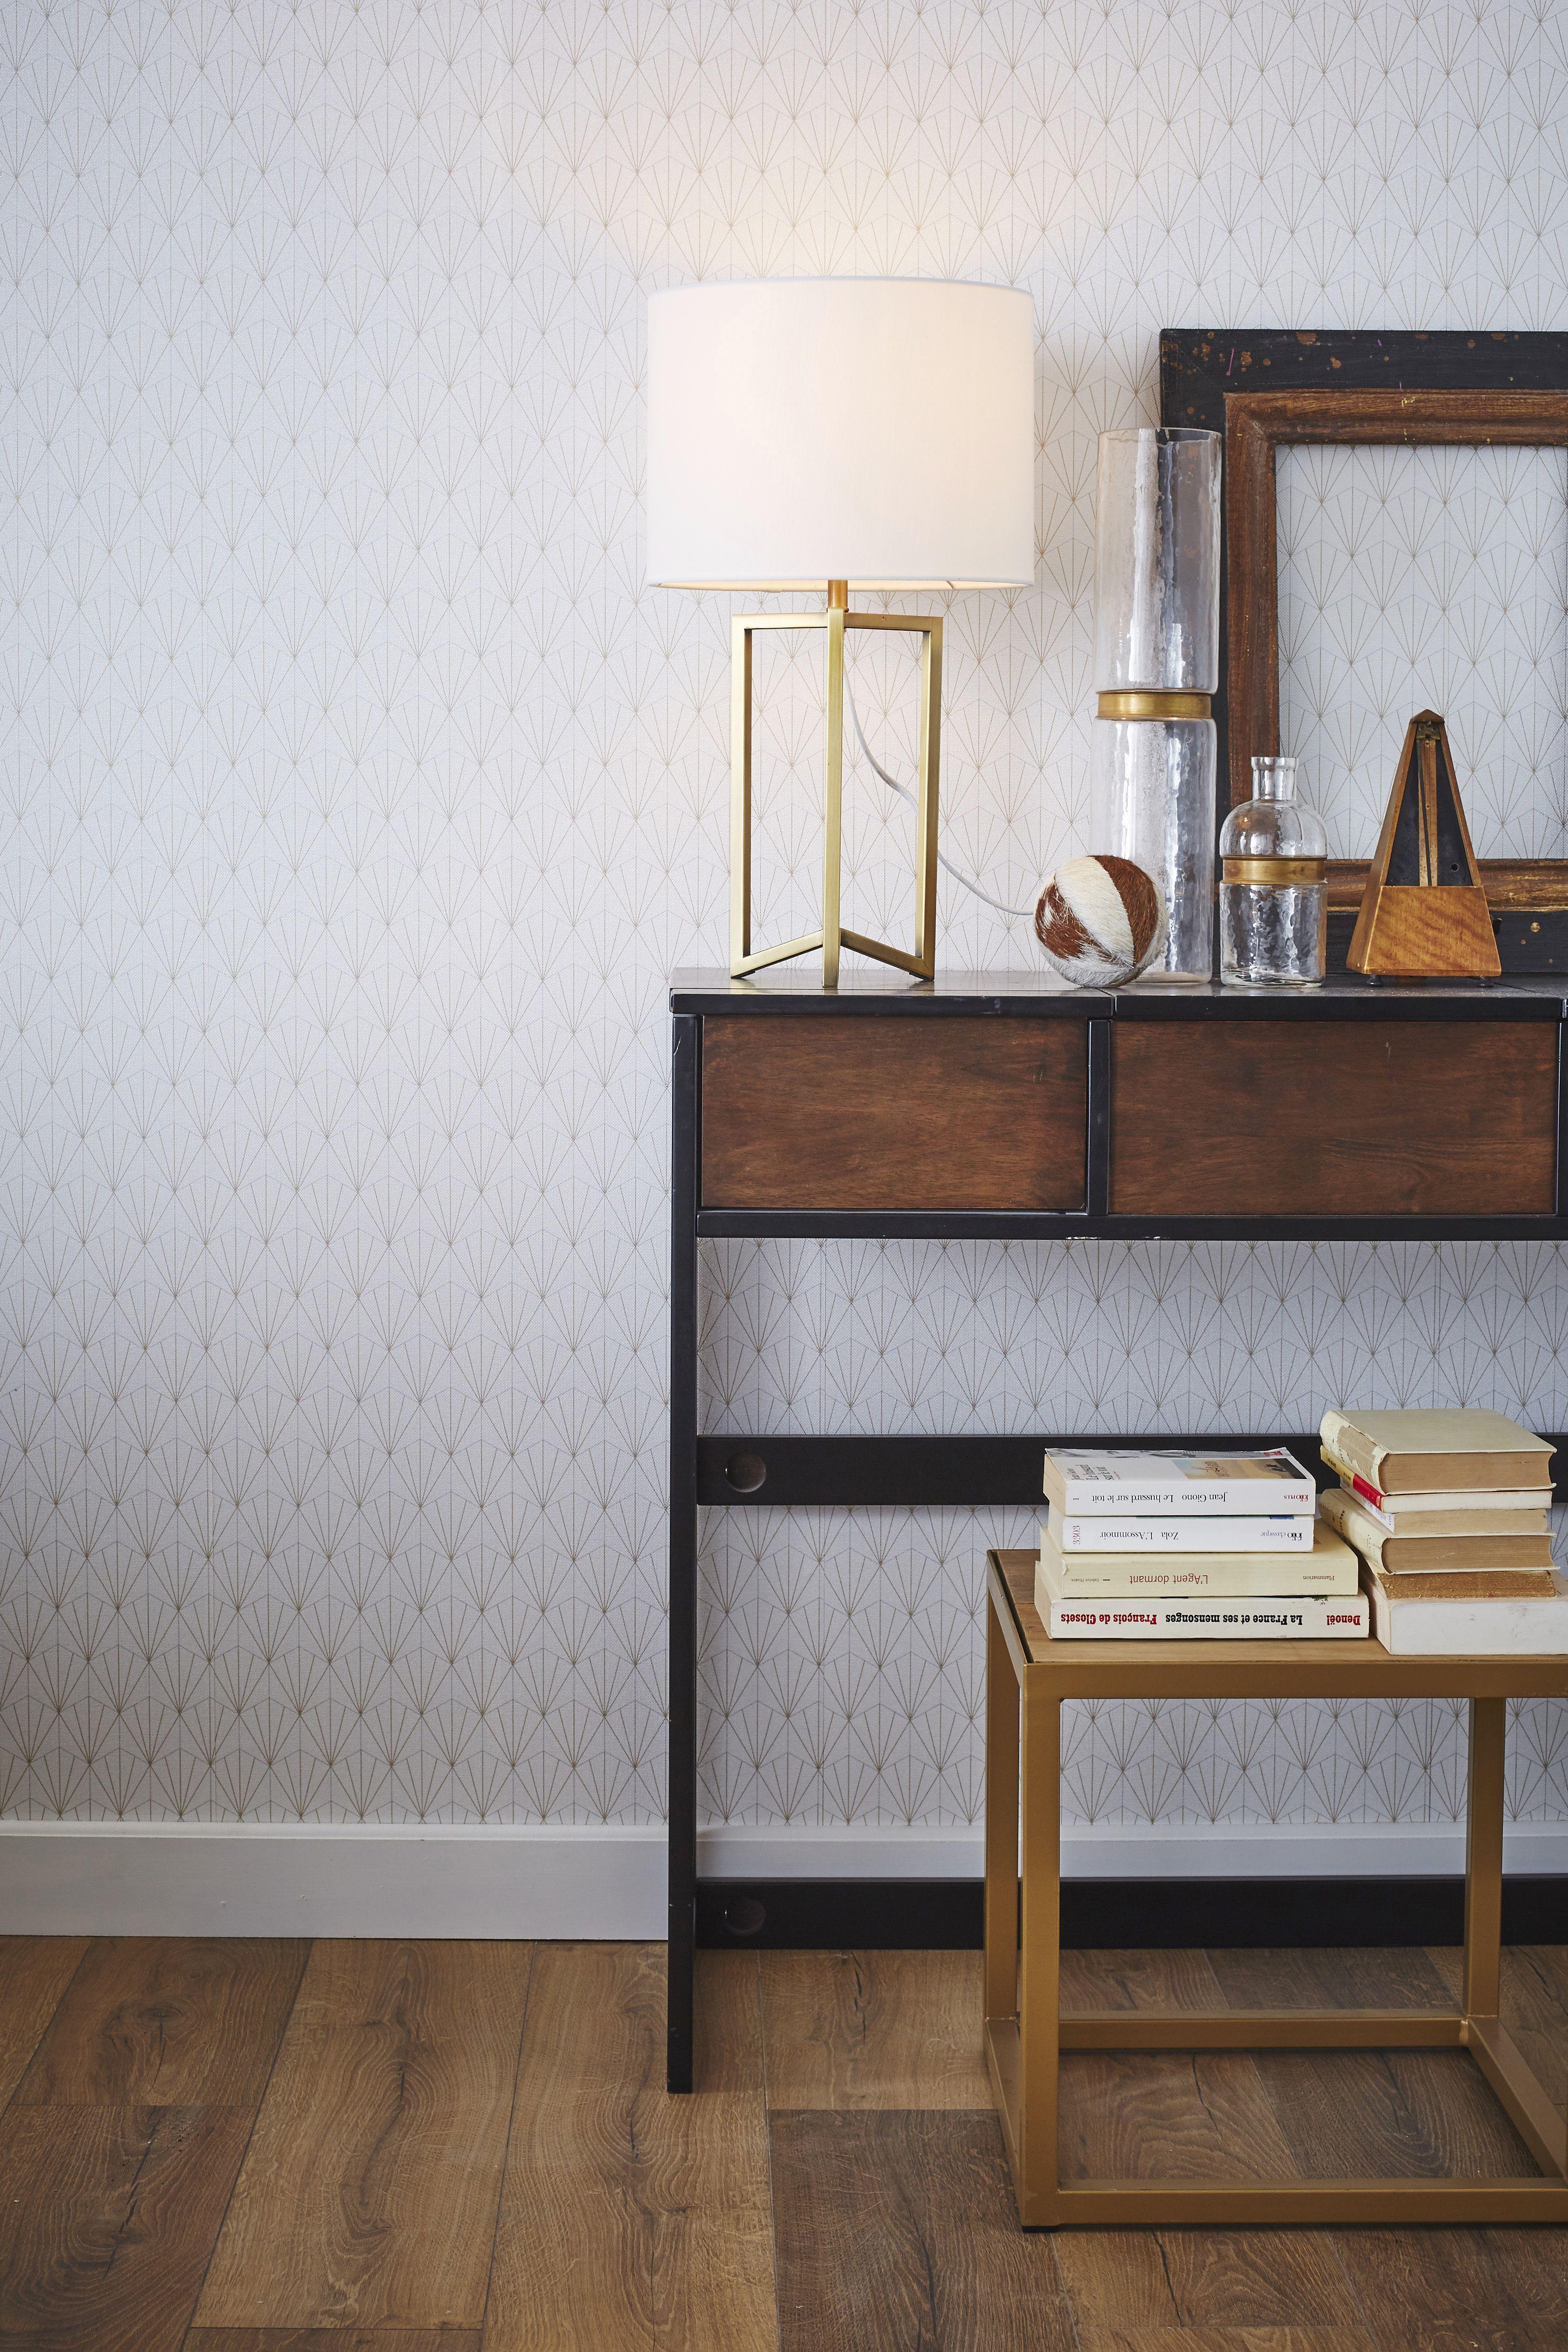 Lampe Sibyl Mathias Synthetique Blanc 23 W Pour Un Entree Qui Fait De L Effet Leroymerlin Lampe Papierpei Papier Peint Art Deco Deco Tendances Deco Salon